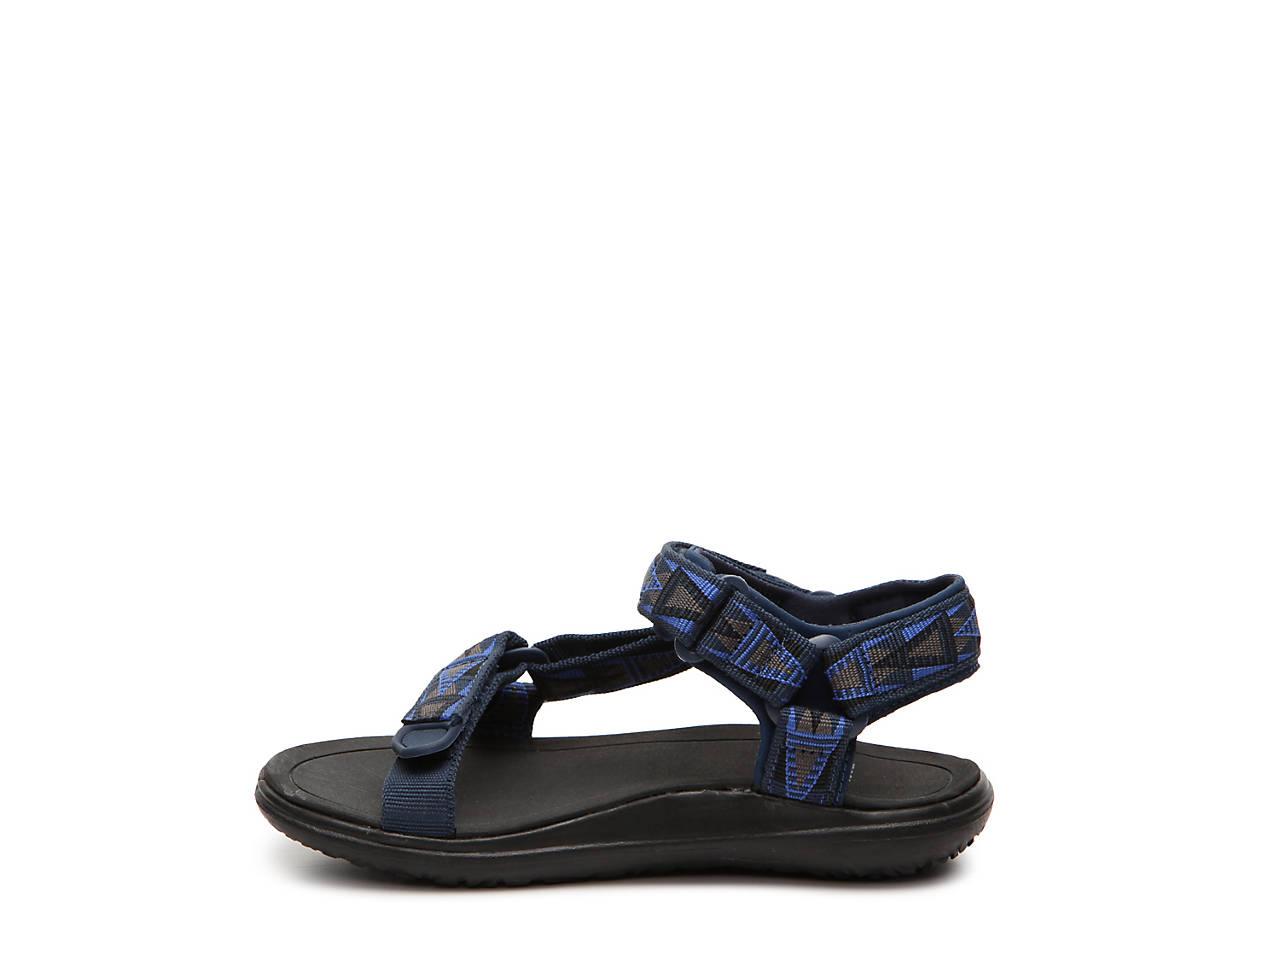 Boys Sandals Canvas Blue Teva Synthetic